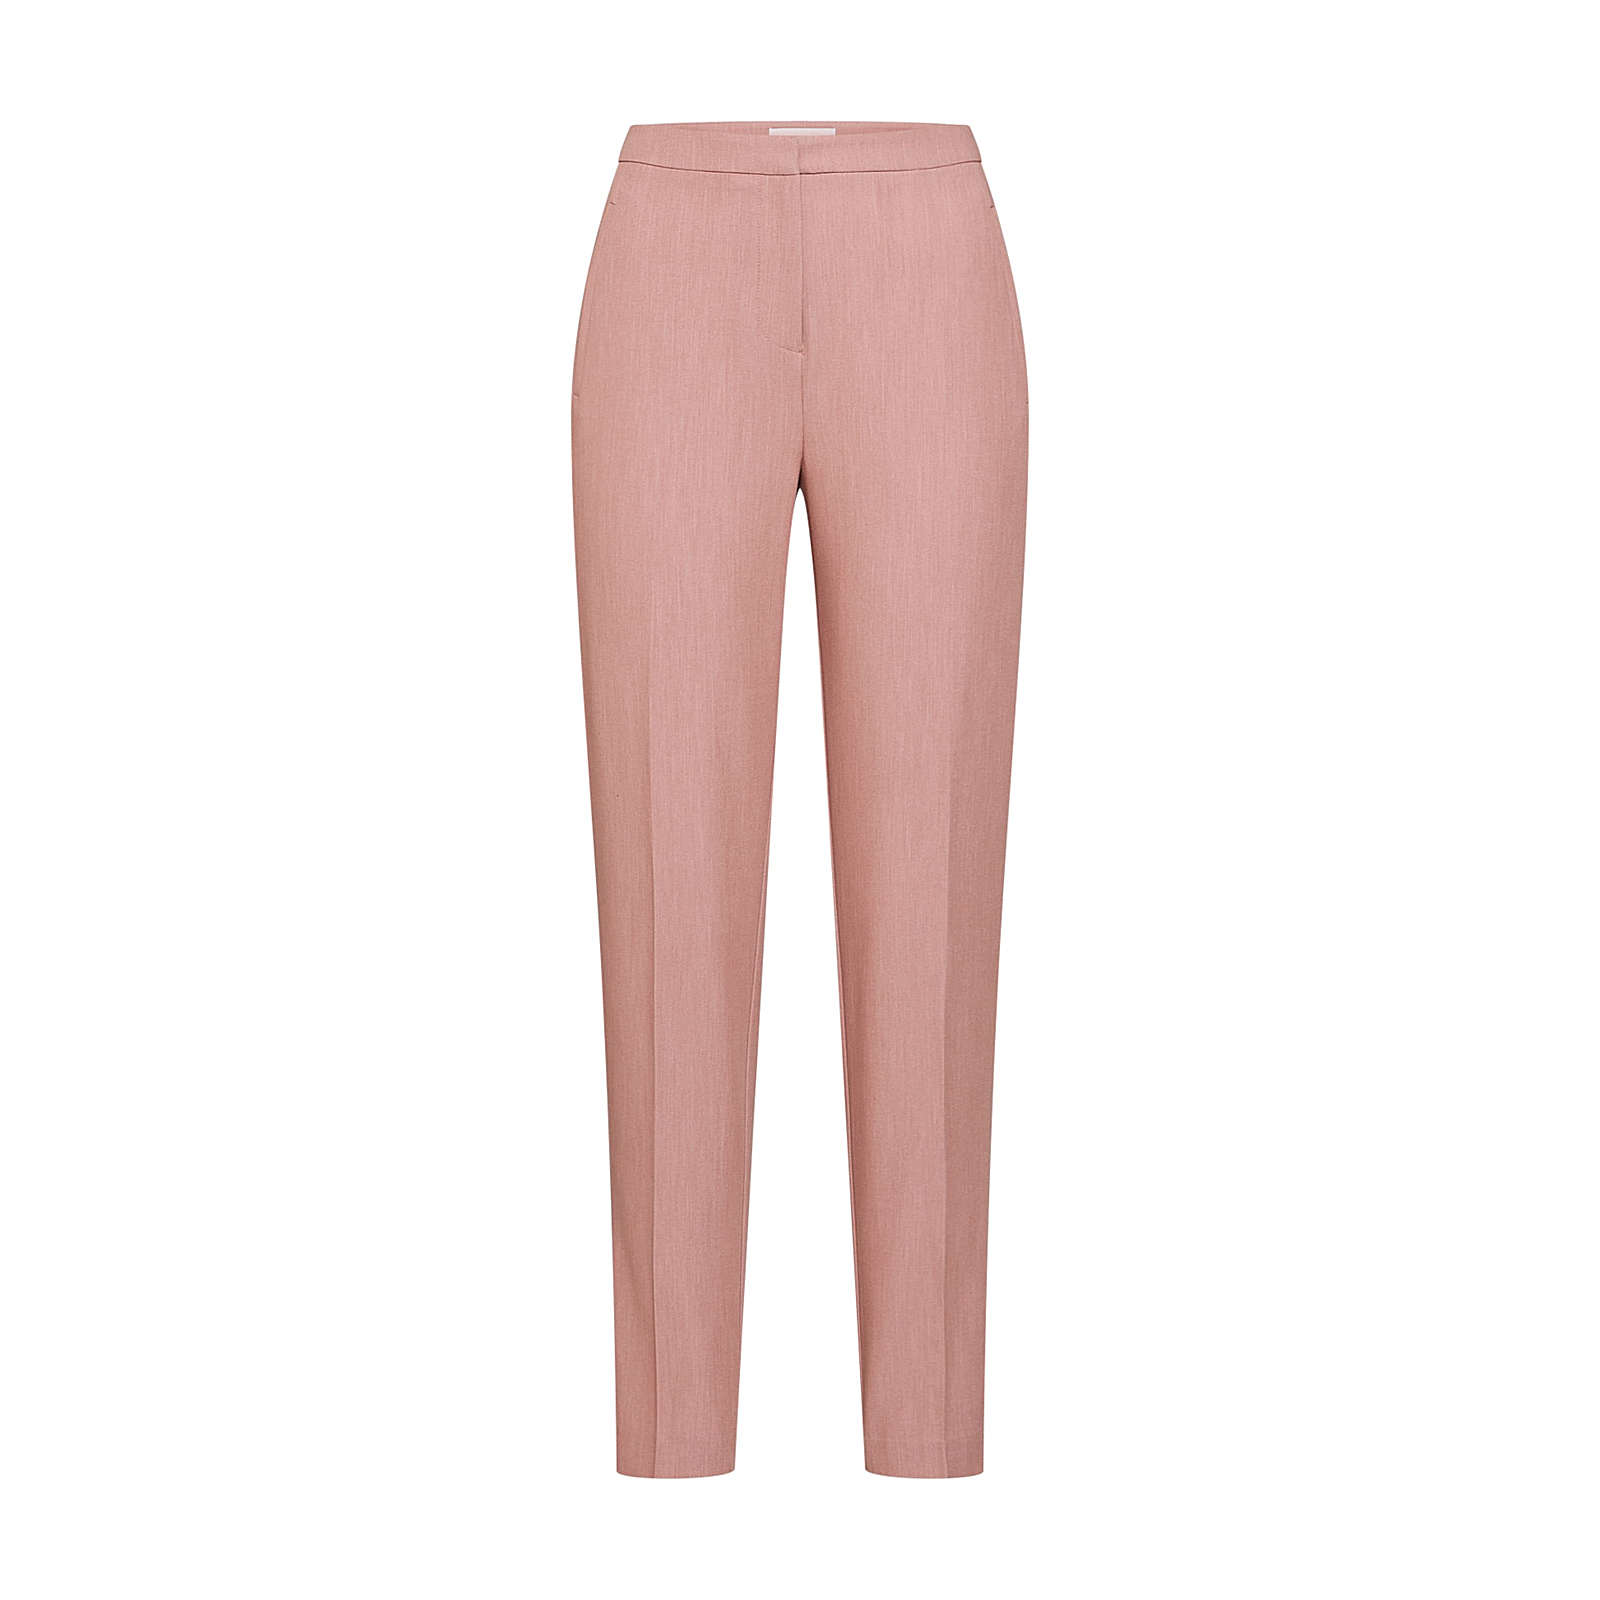 PIECES Bügelfaltenhose FELICE Stoffhosen rosa Damen Gr. 34